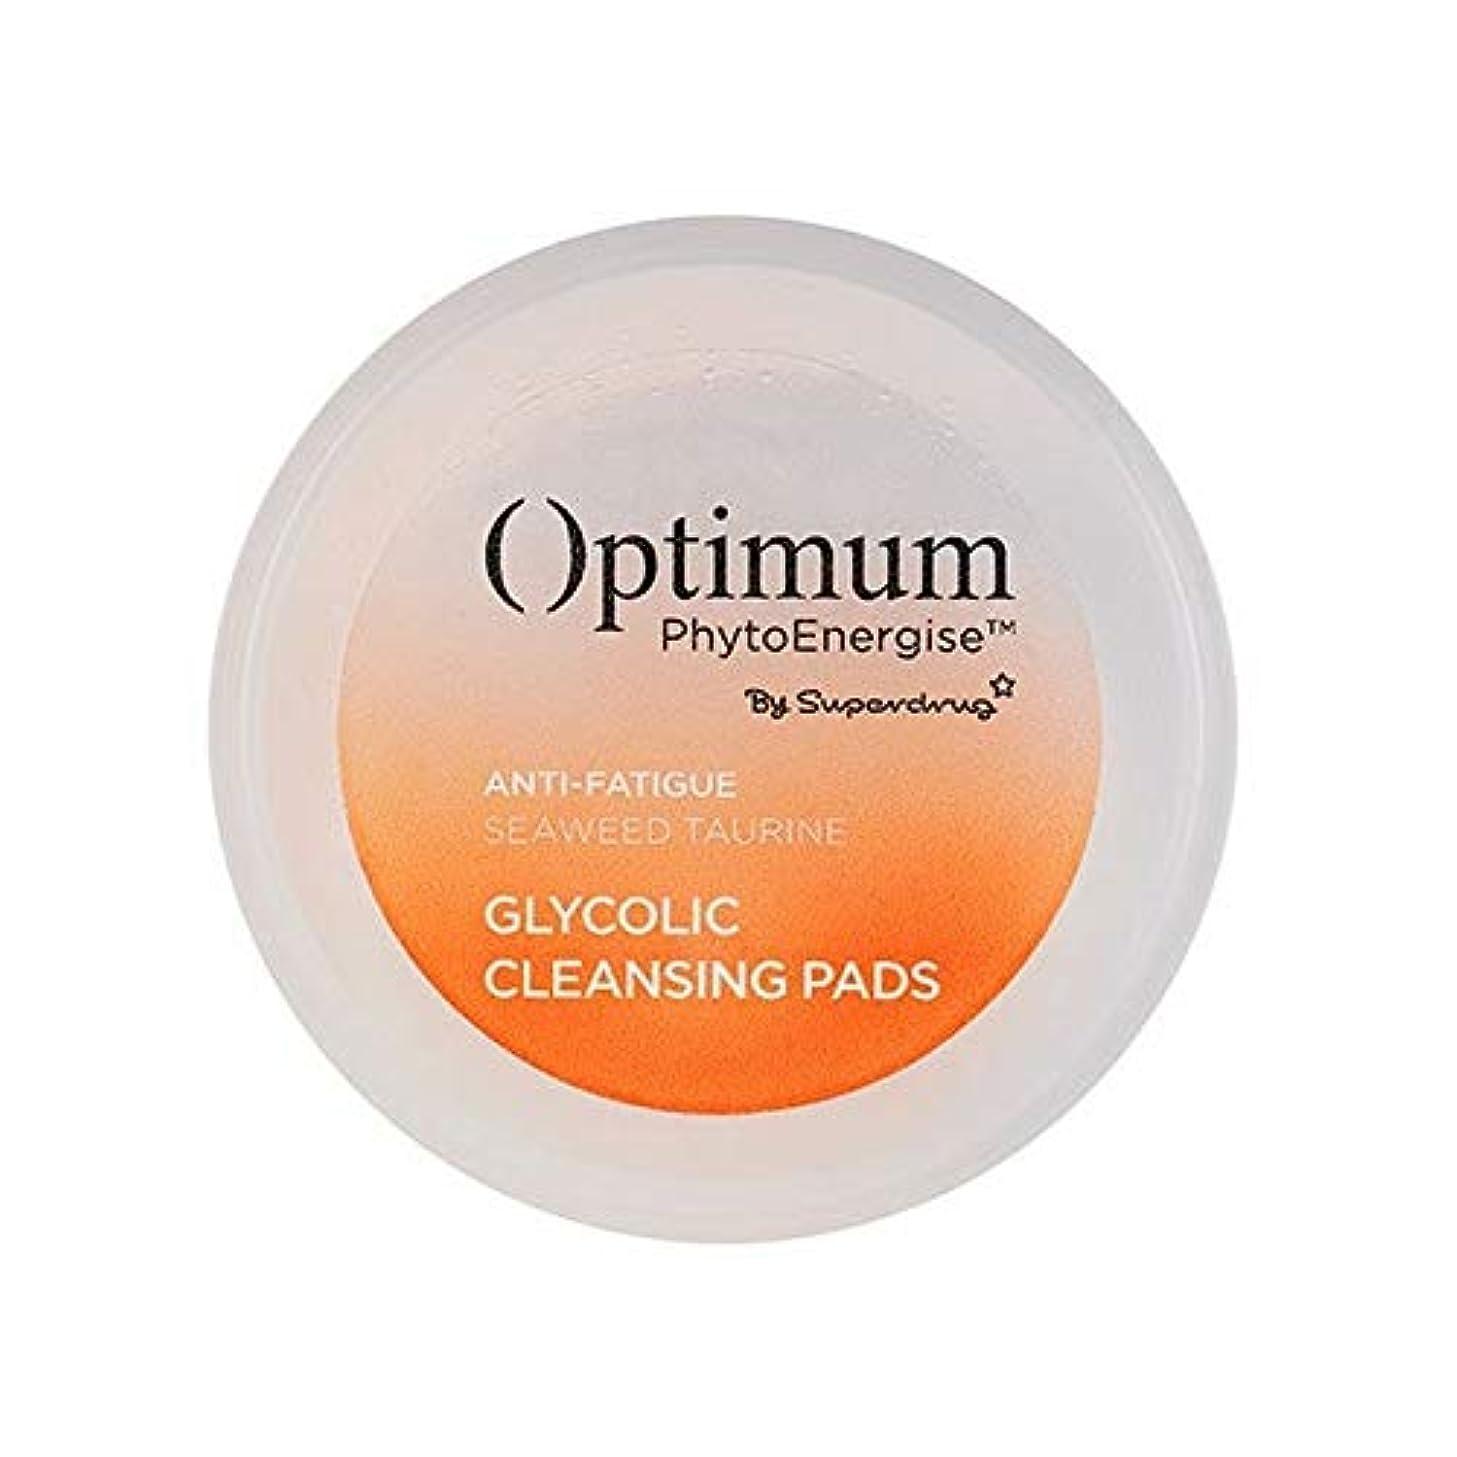 オセアニア講義に頼る[Optimum ] 最適Phytoenergiseグリコールクレンジングパッド - Optimum PhytoEnergise Glycolic Cleansing Pads [並行輸入品]